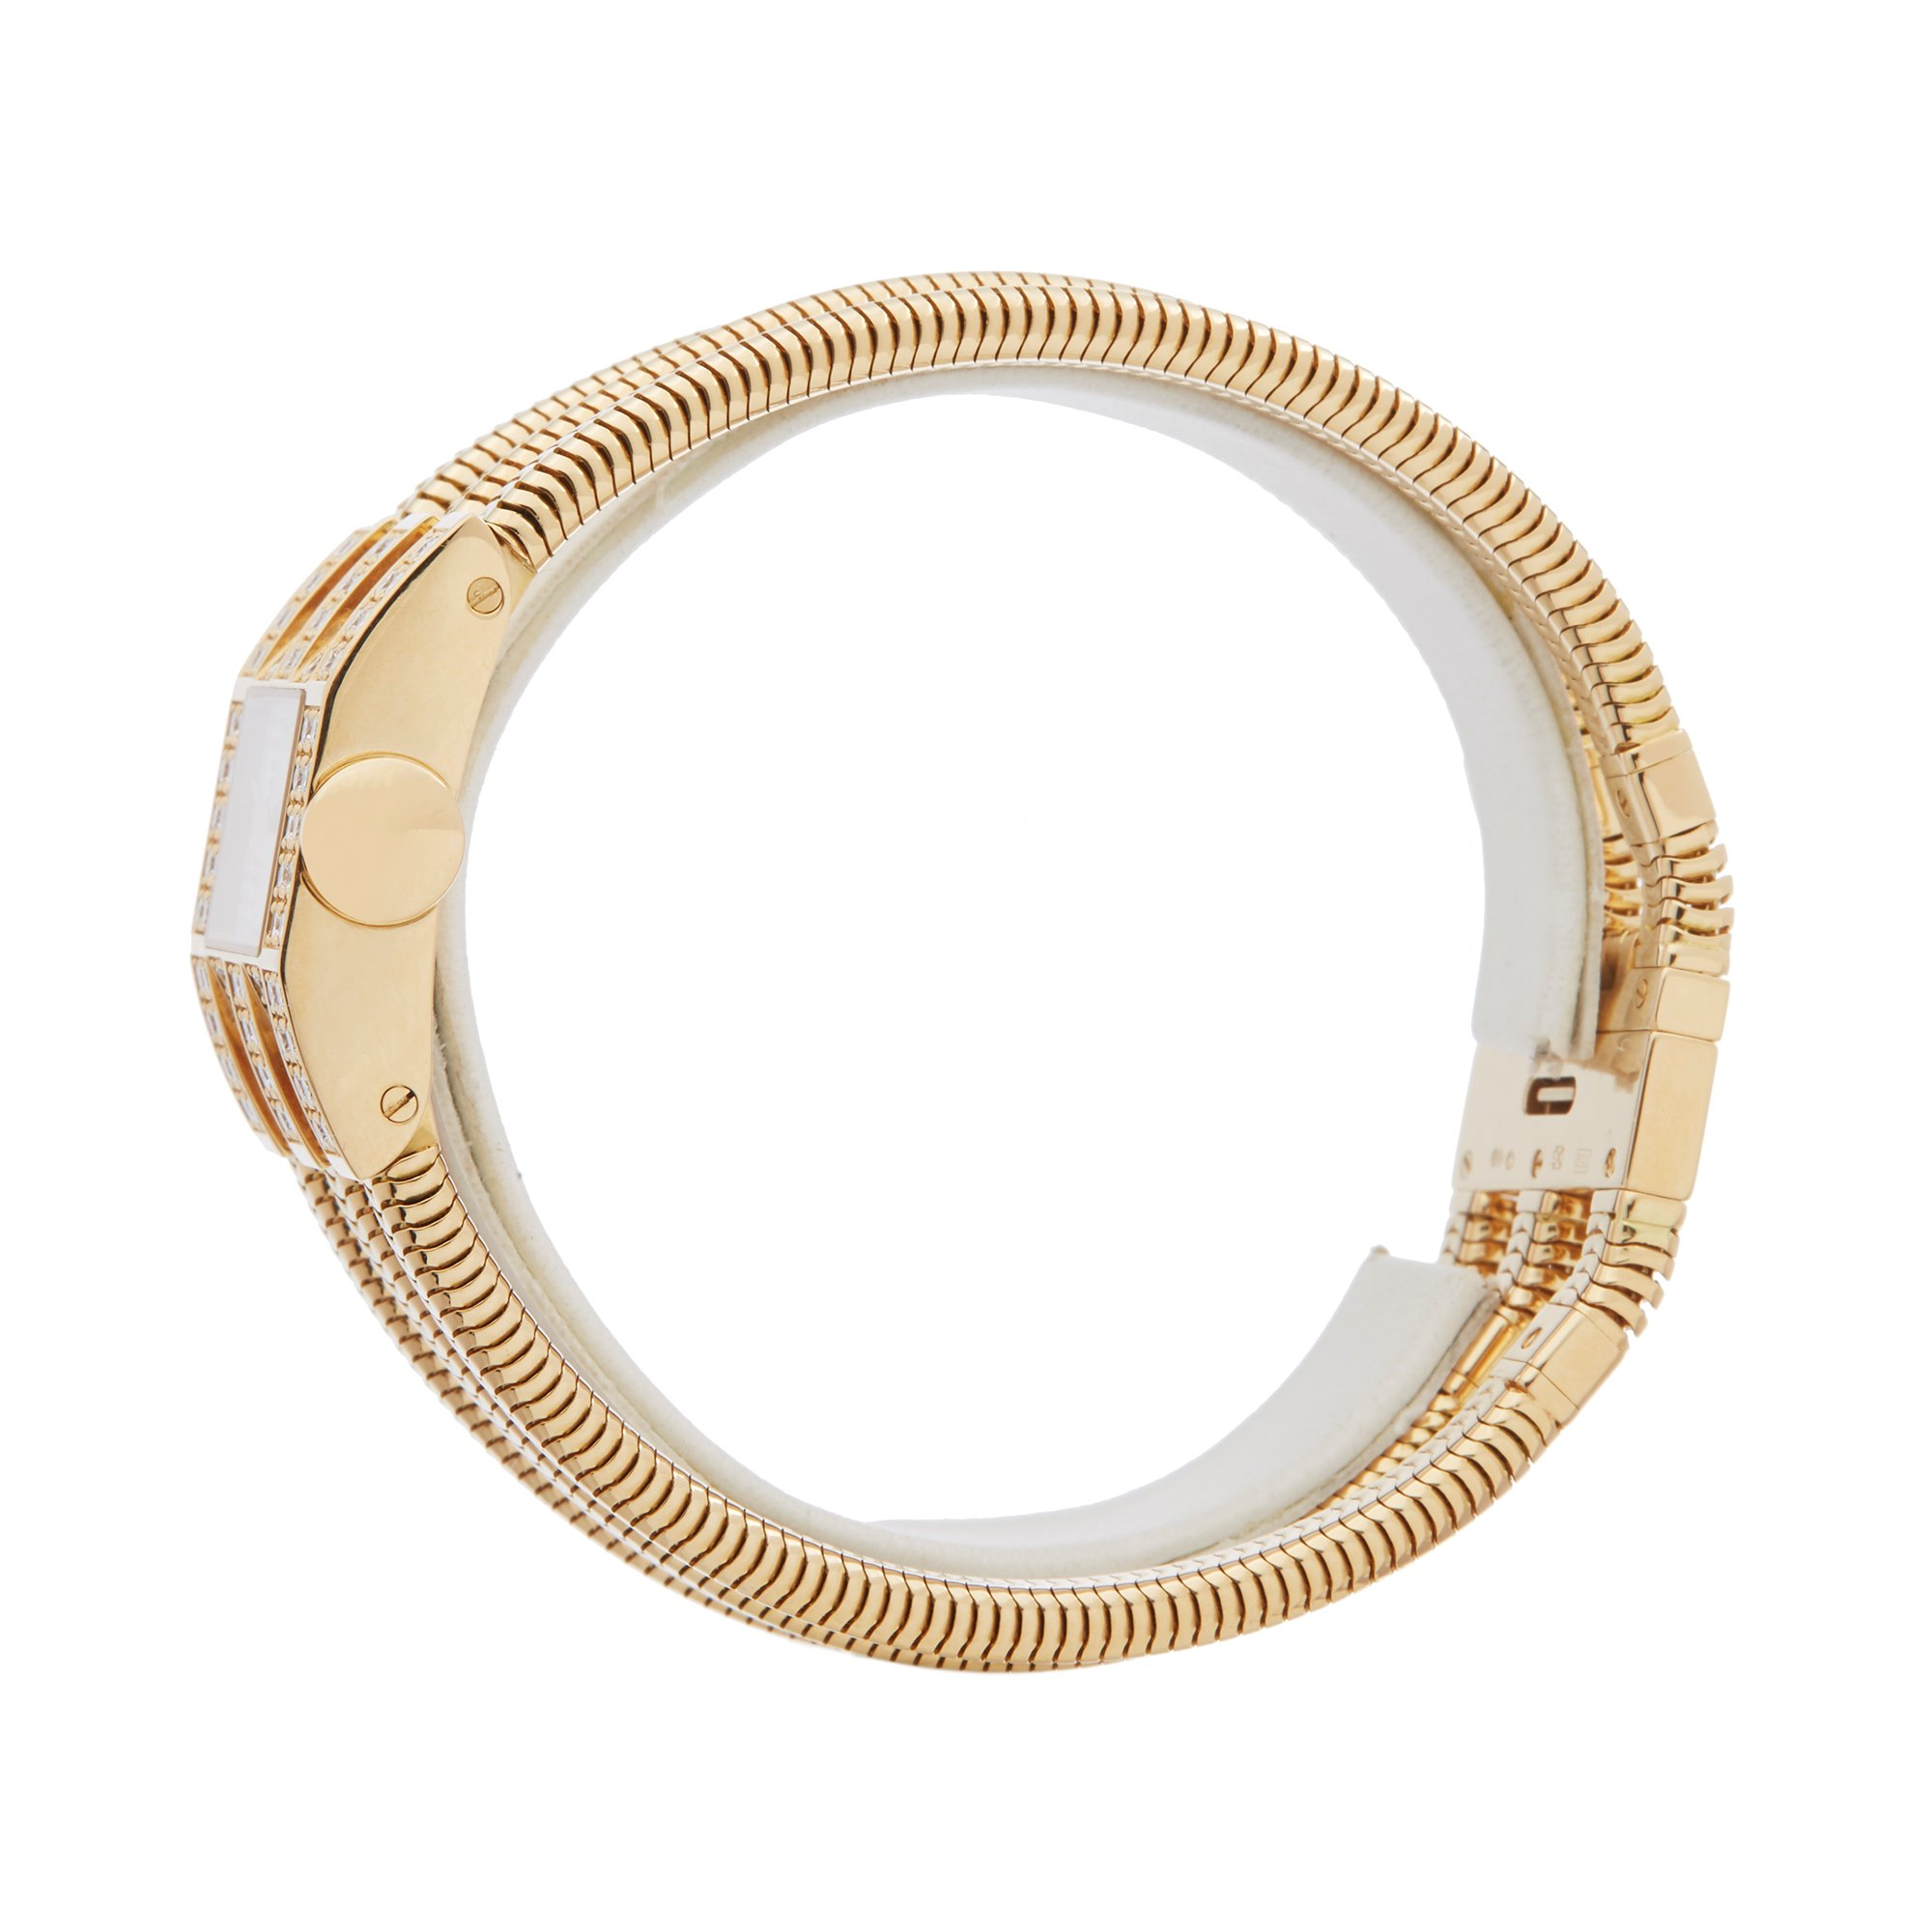 Van Cleef & Arpels Triple Bracelet Diamond Geel Goud